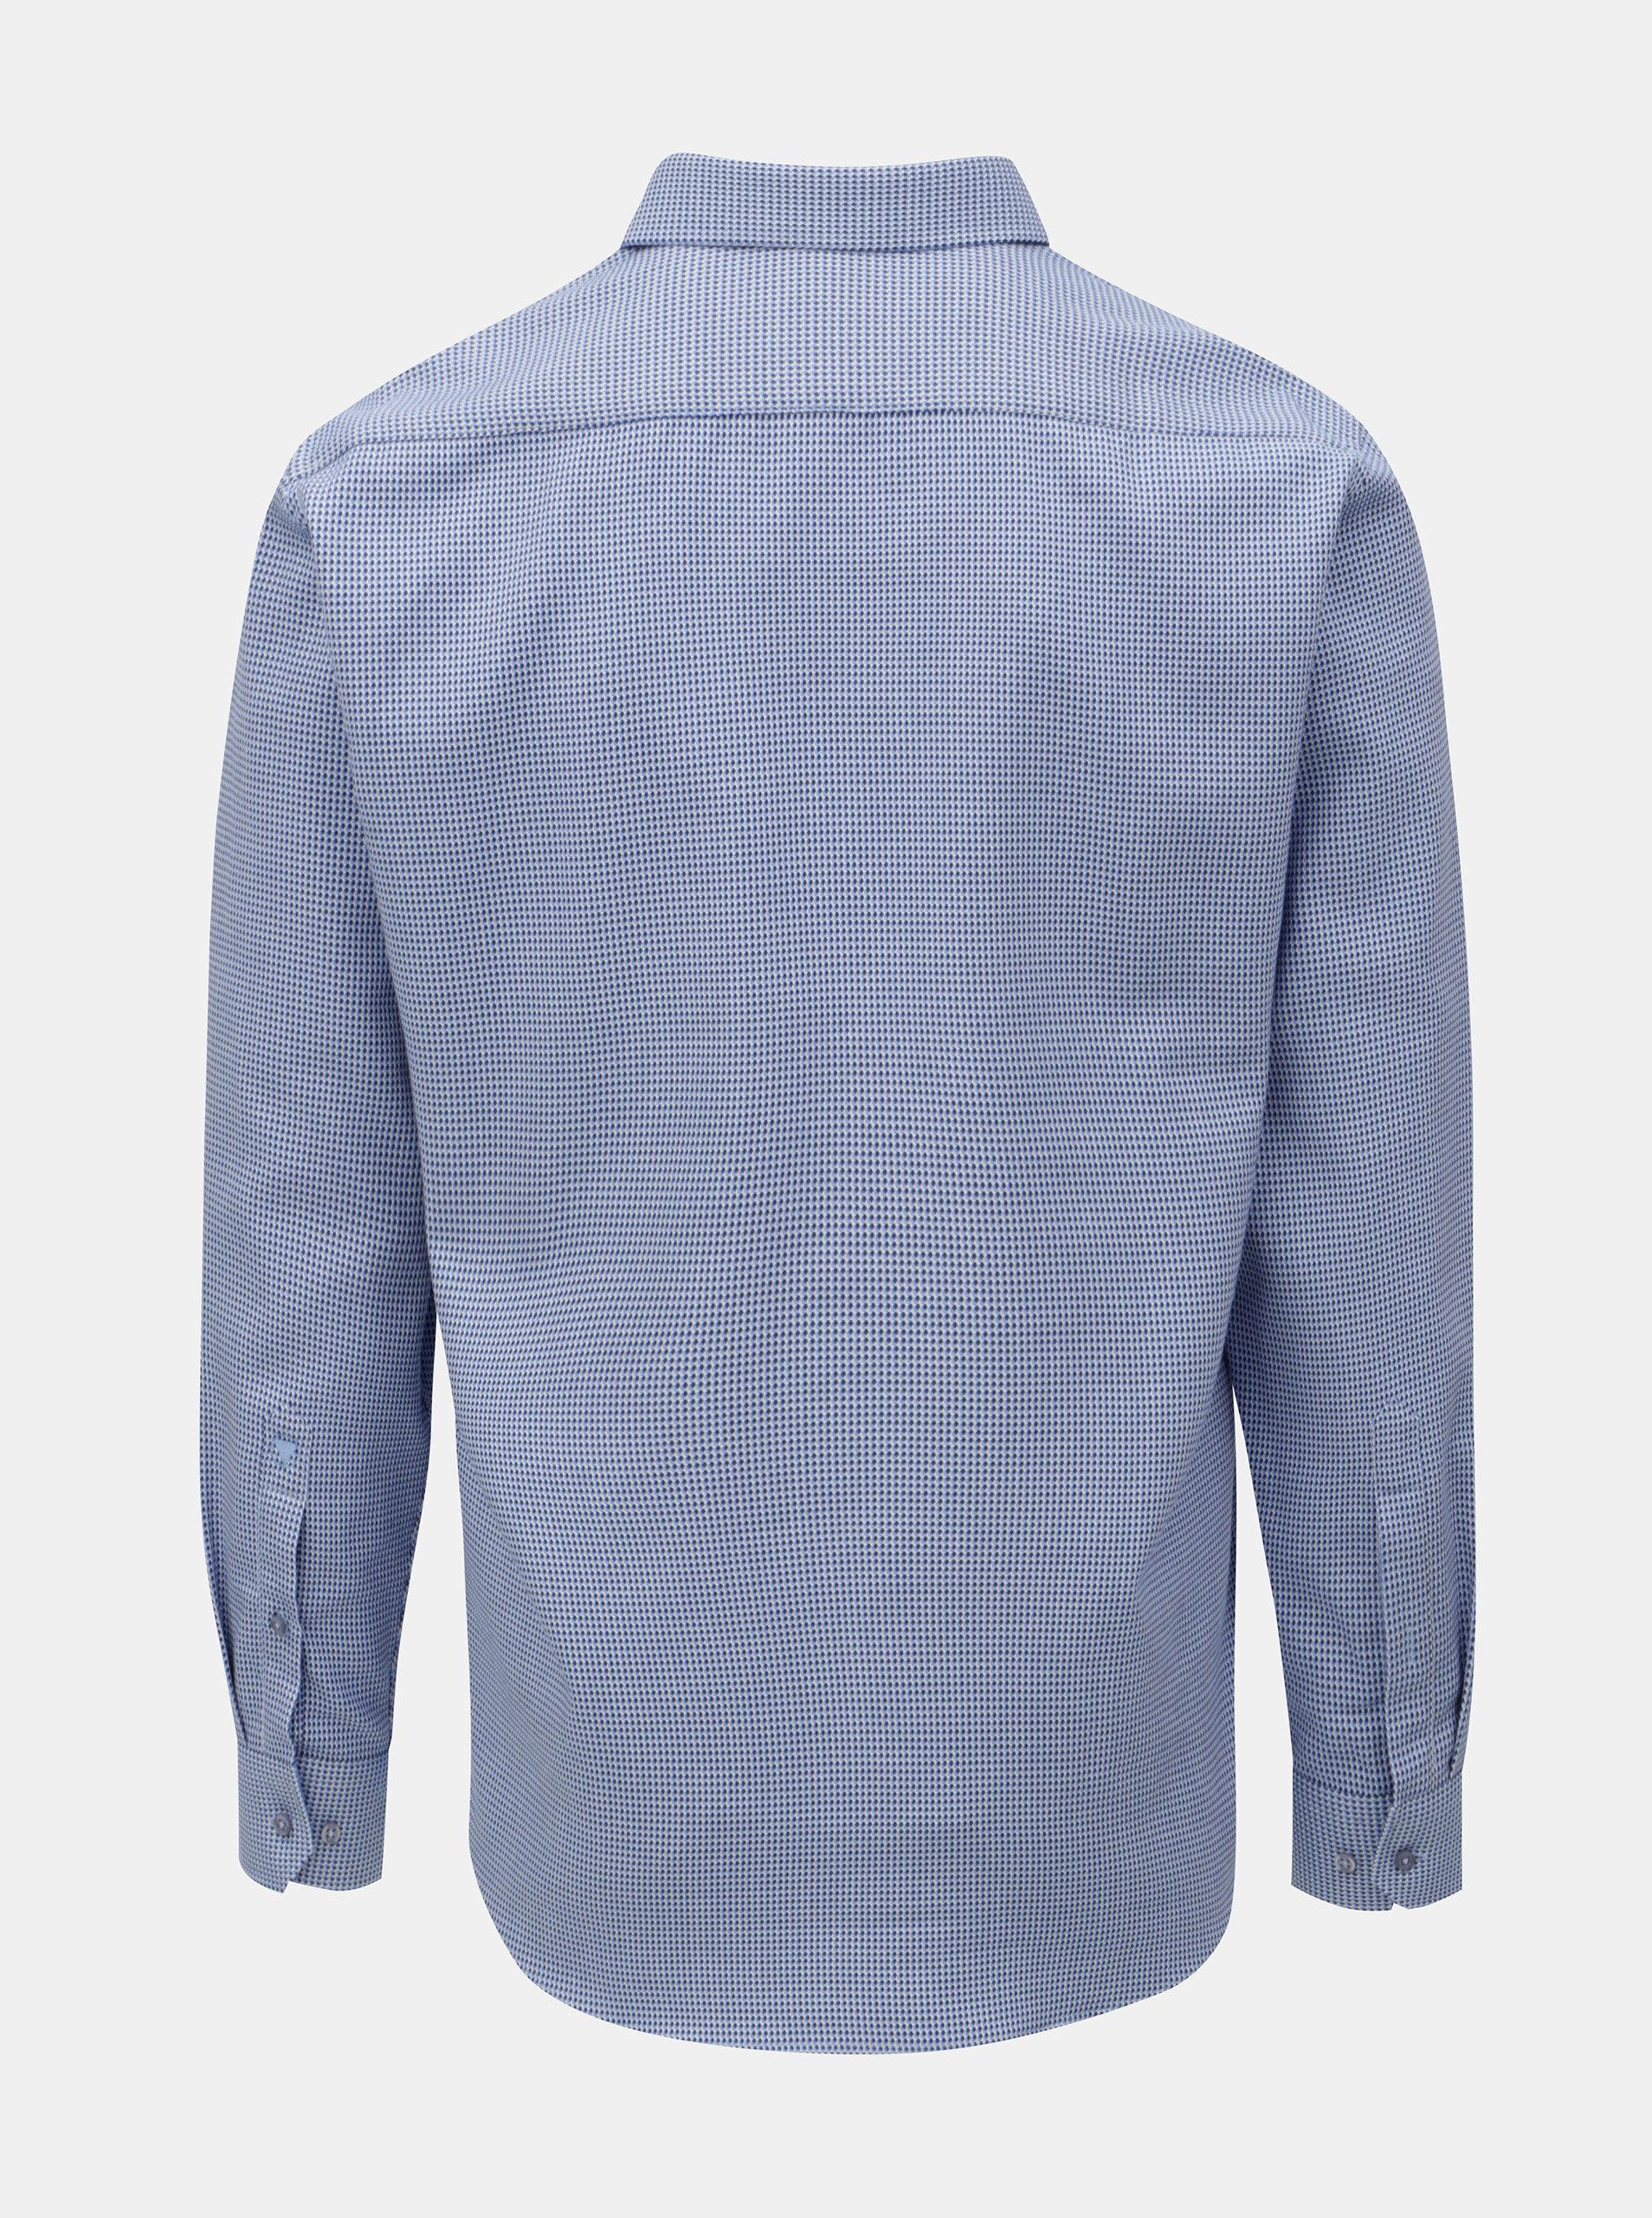 67370e685 Modrá pánska vzorovaná košeľa s dlhým rukávom VAVI | ZOOT.sk